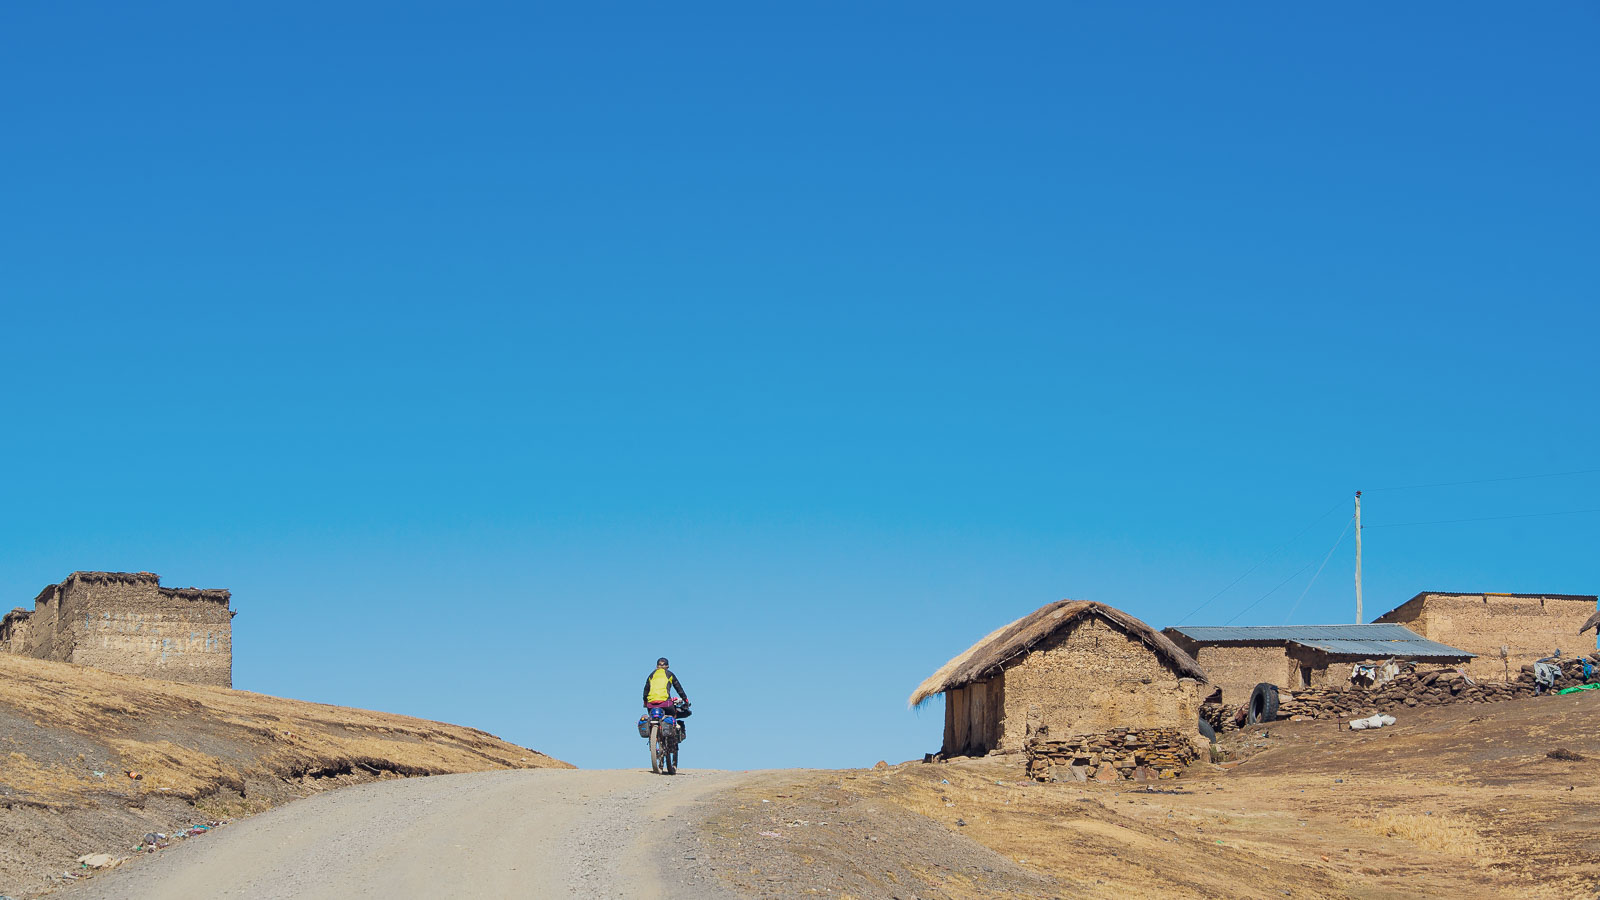 Bolivia: Charazani – Sorata via Llica Canyon